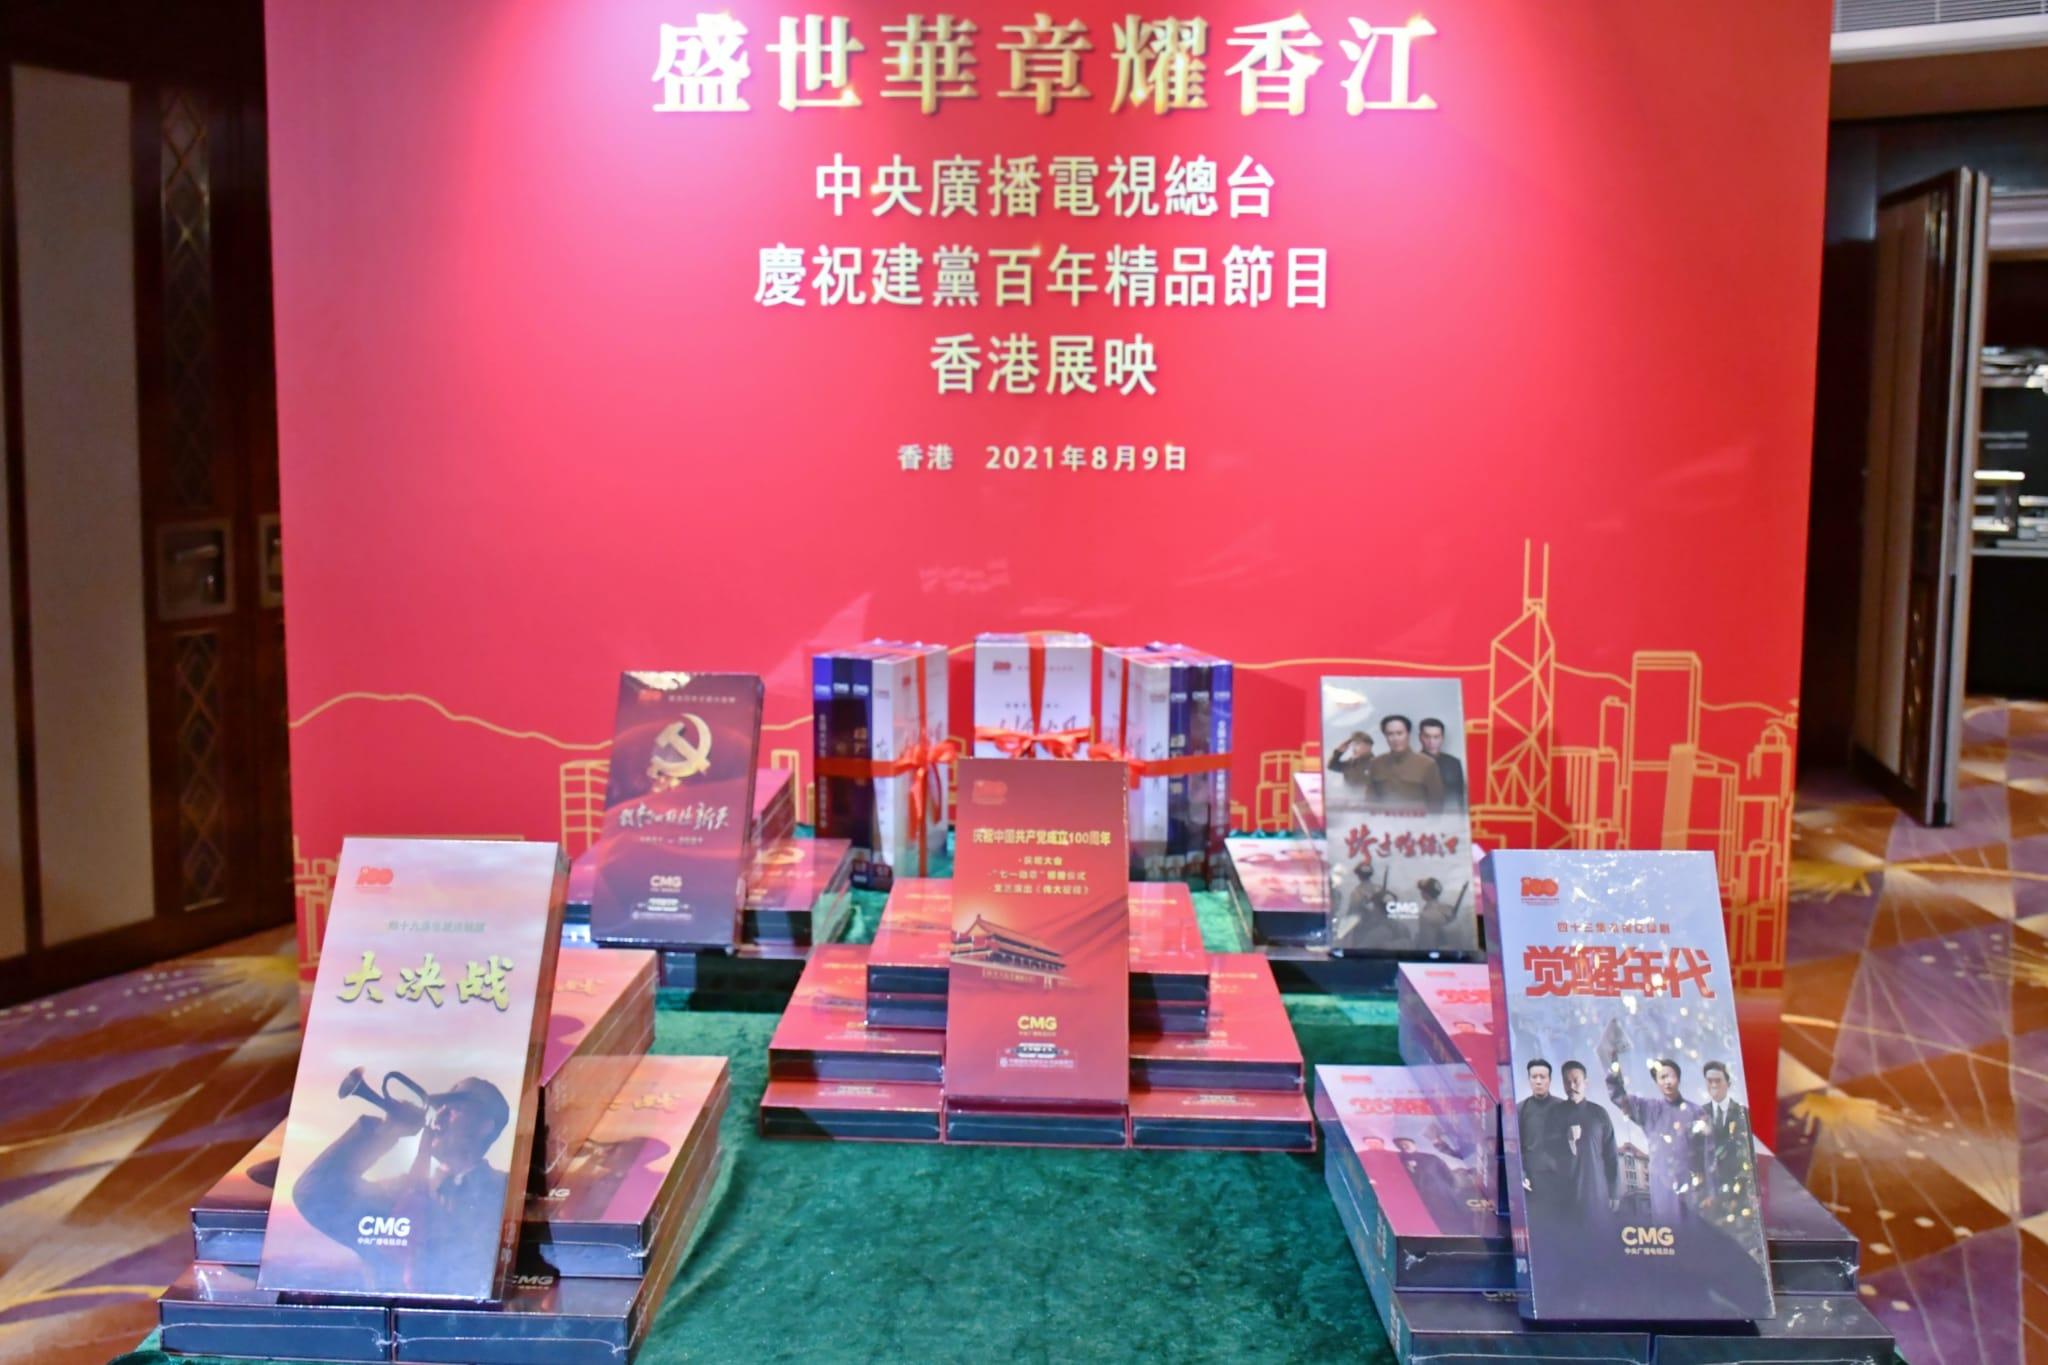 有片 | 林鄭:未來港台將與央視建立合作 推出更多中華文化節目